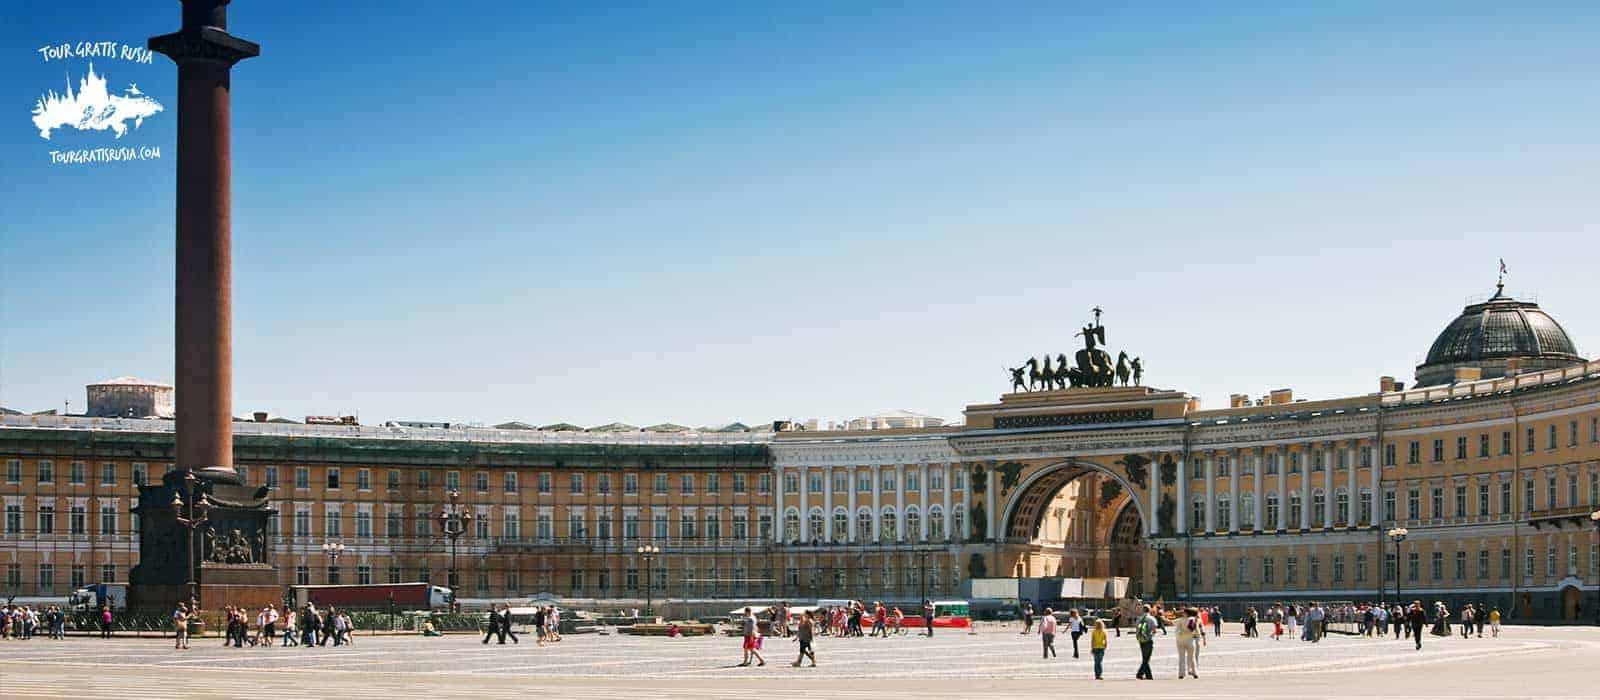 Excursión en San Petersburgo para cruceros 2 días largos